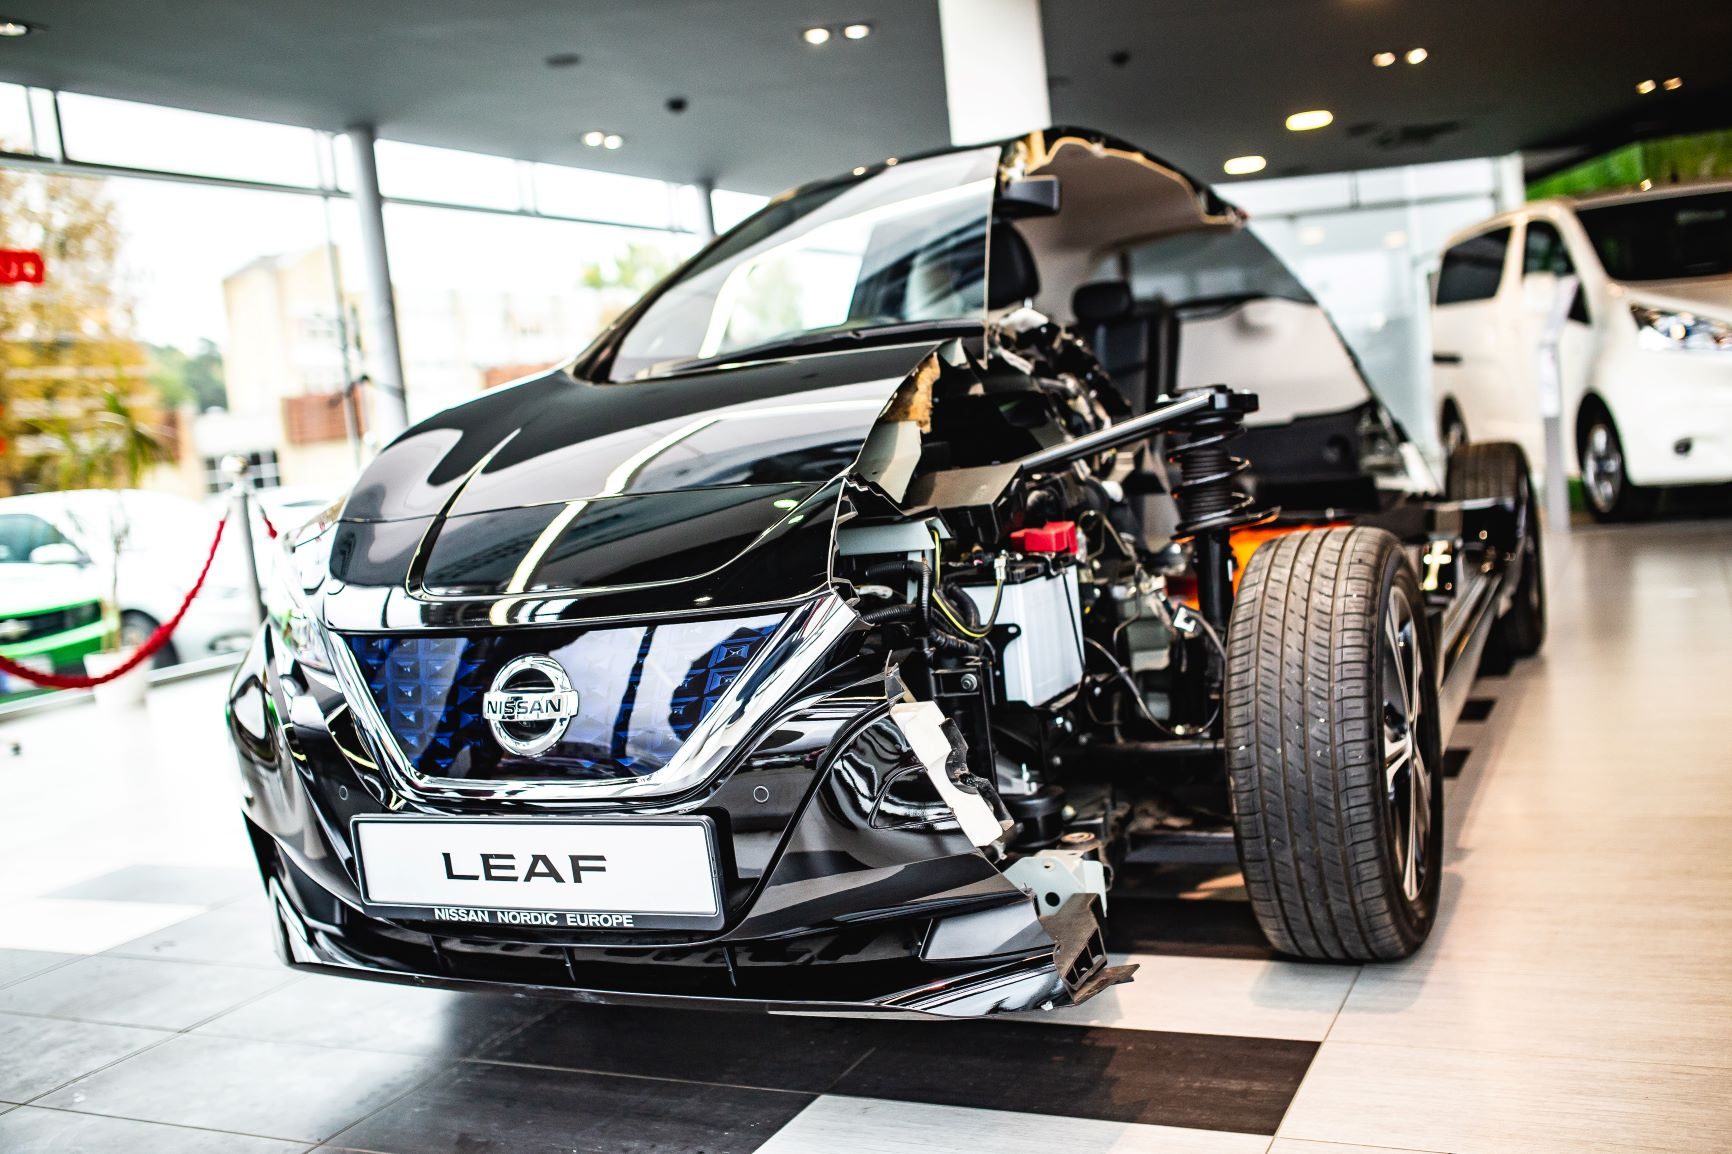 """'Fakto Auto"""" į Lietuvą atvežė pusiau perpjautą Nissan LEAF elektromobilį"""